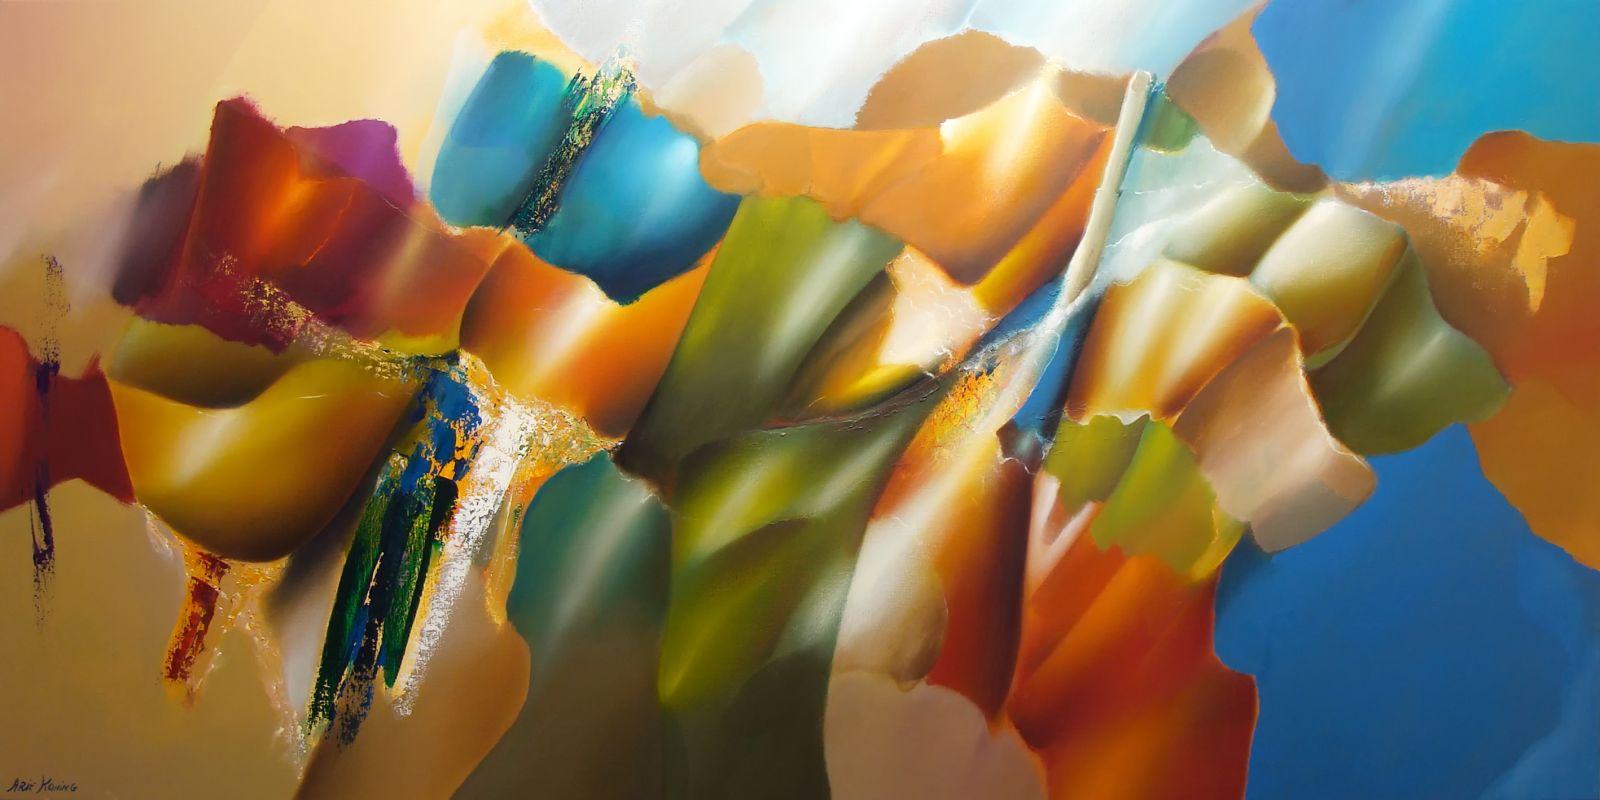 Arie koning abstracte bloemenschilderijen met mooie for Moderne schilderijen